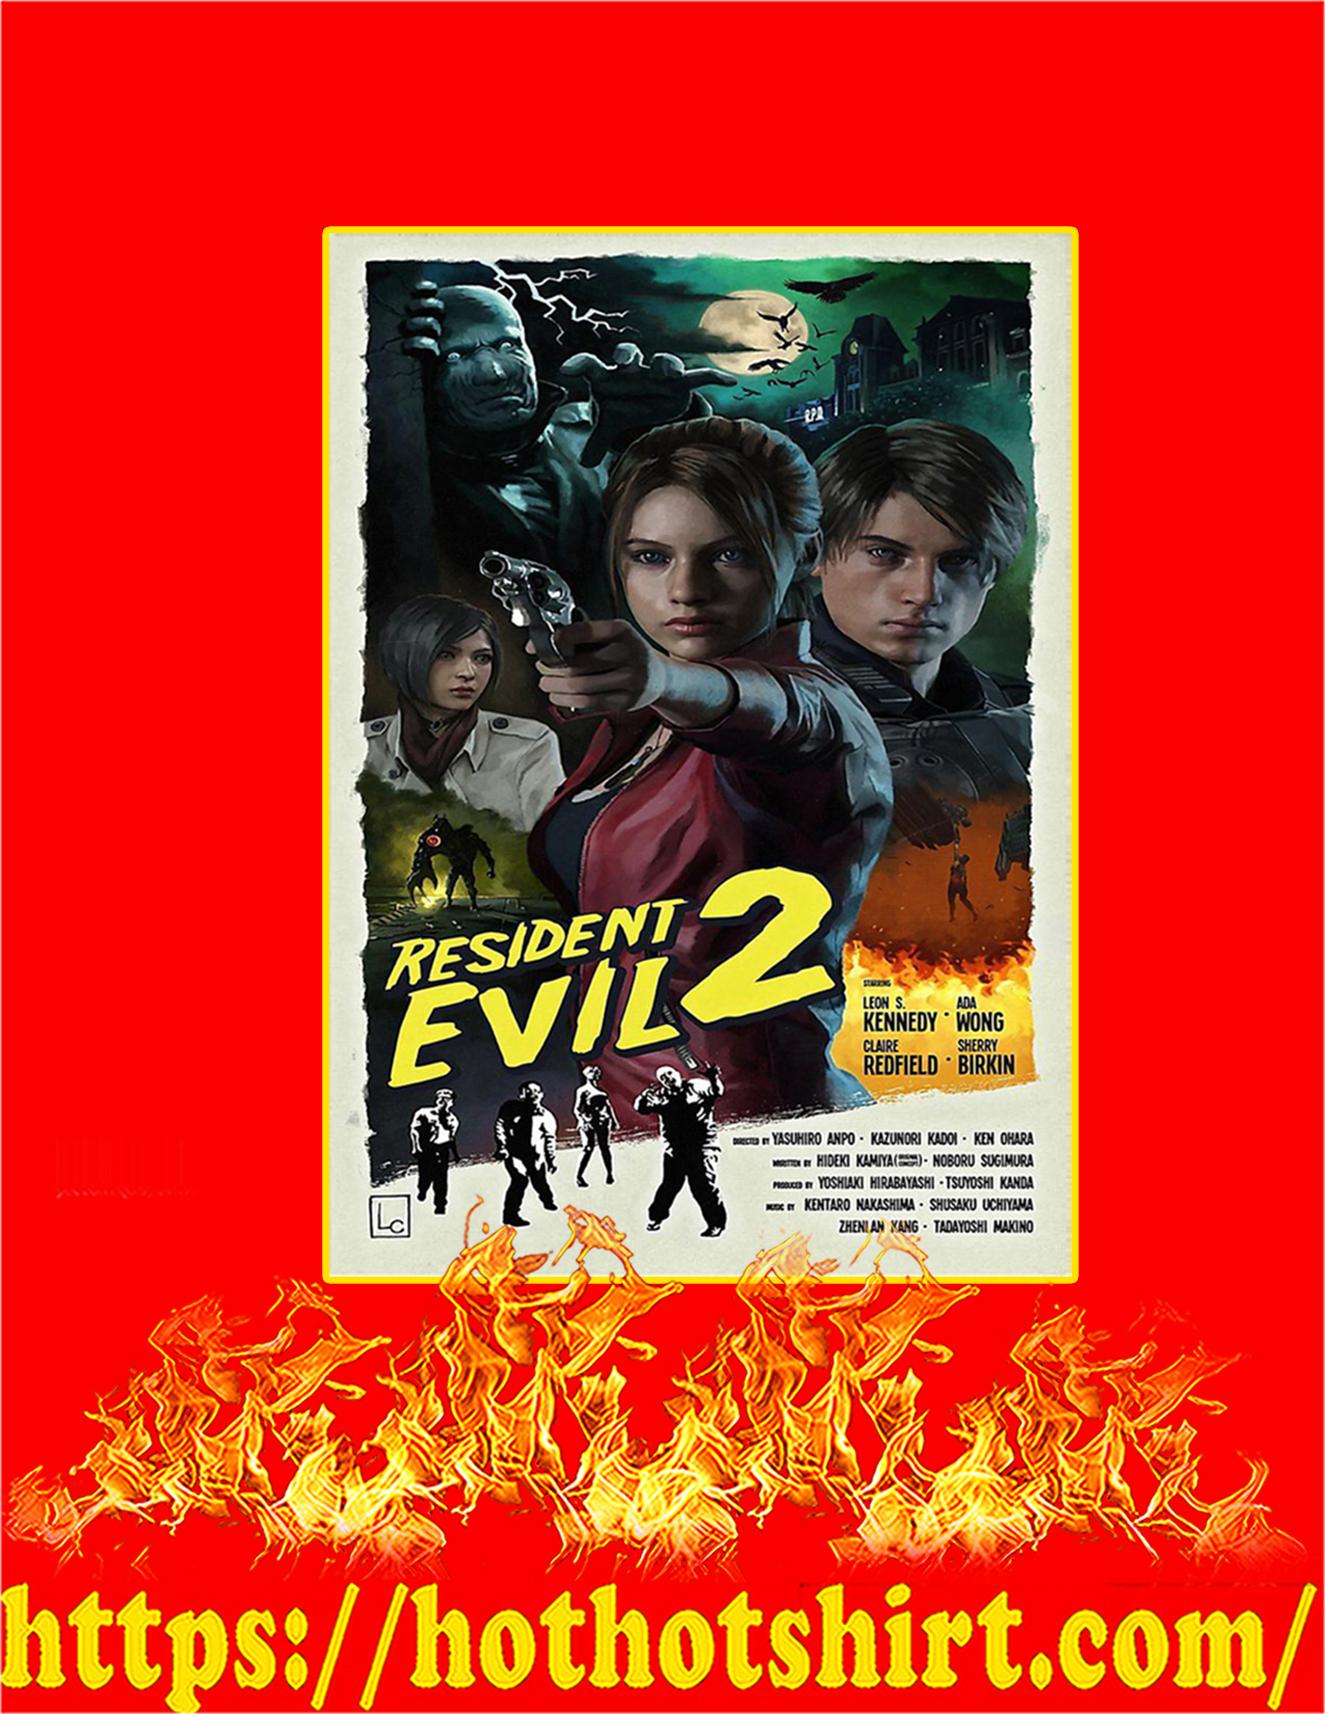 Resident evil 2 poster - A3